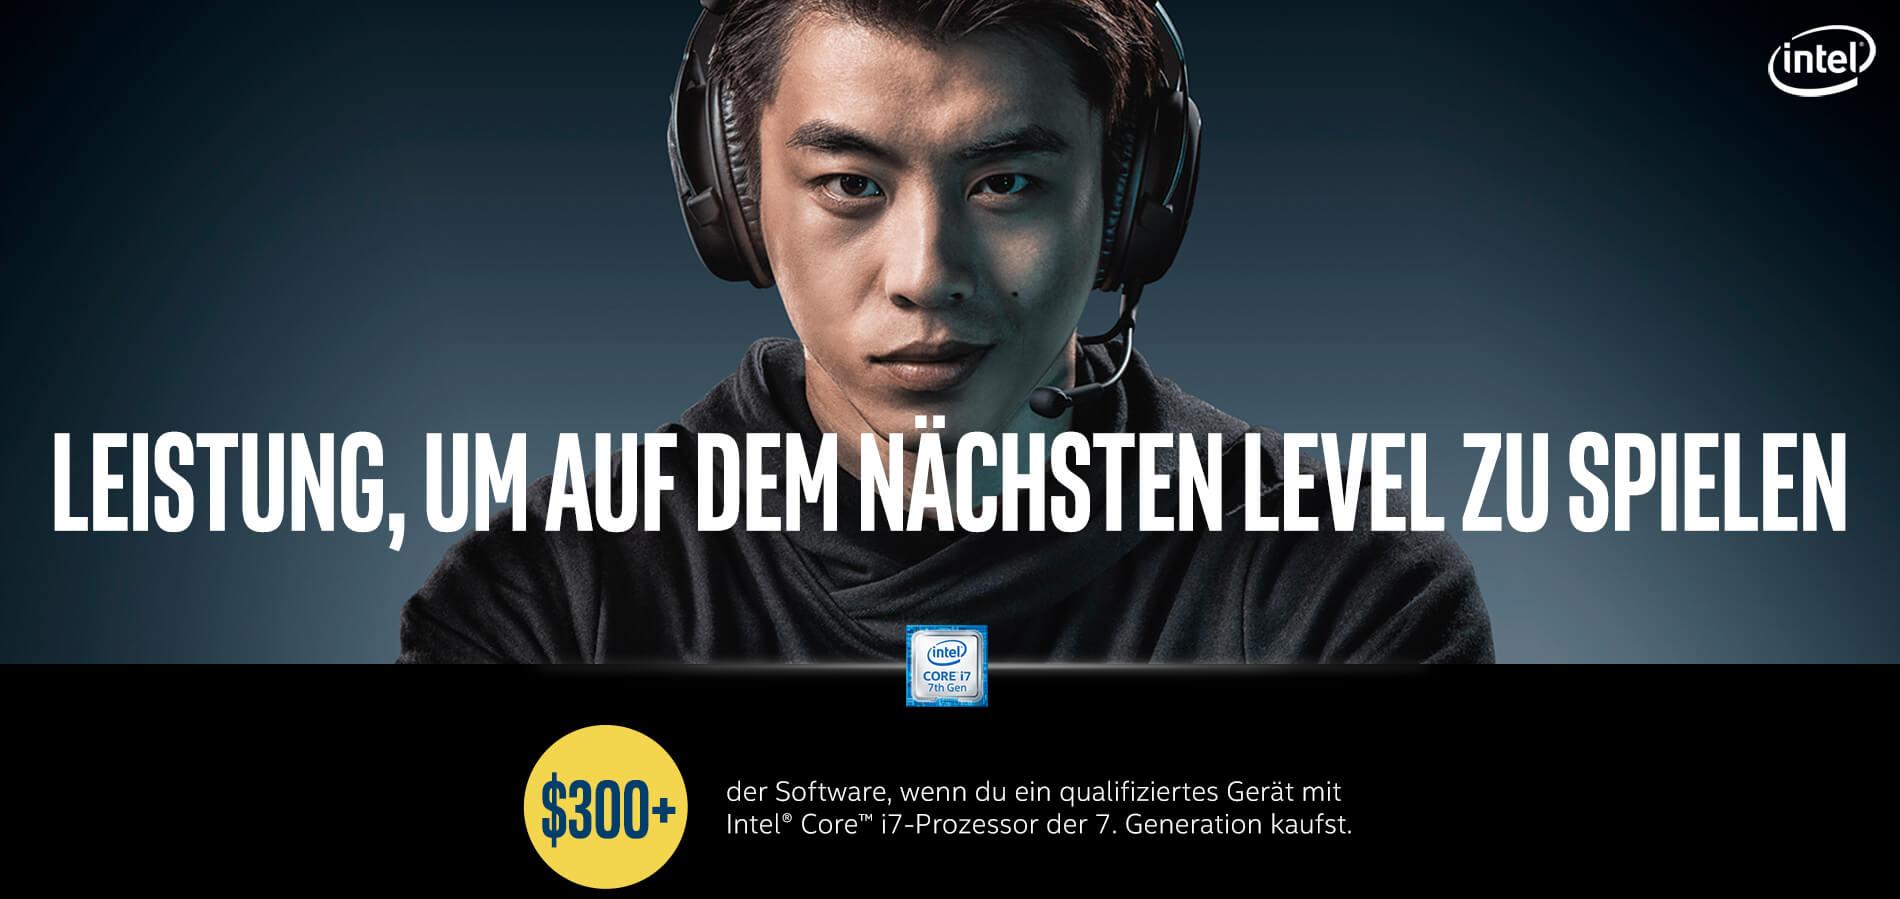 Intel Core i7 - Leistung, um auf dem nächsten Level zu spielen. 300+$ der Software, wenn du ein qualifiziertes Gerät mit Intel® Core™ i7-Prozessor der 7. Generation kaufst.